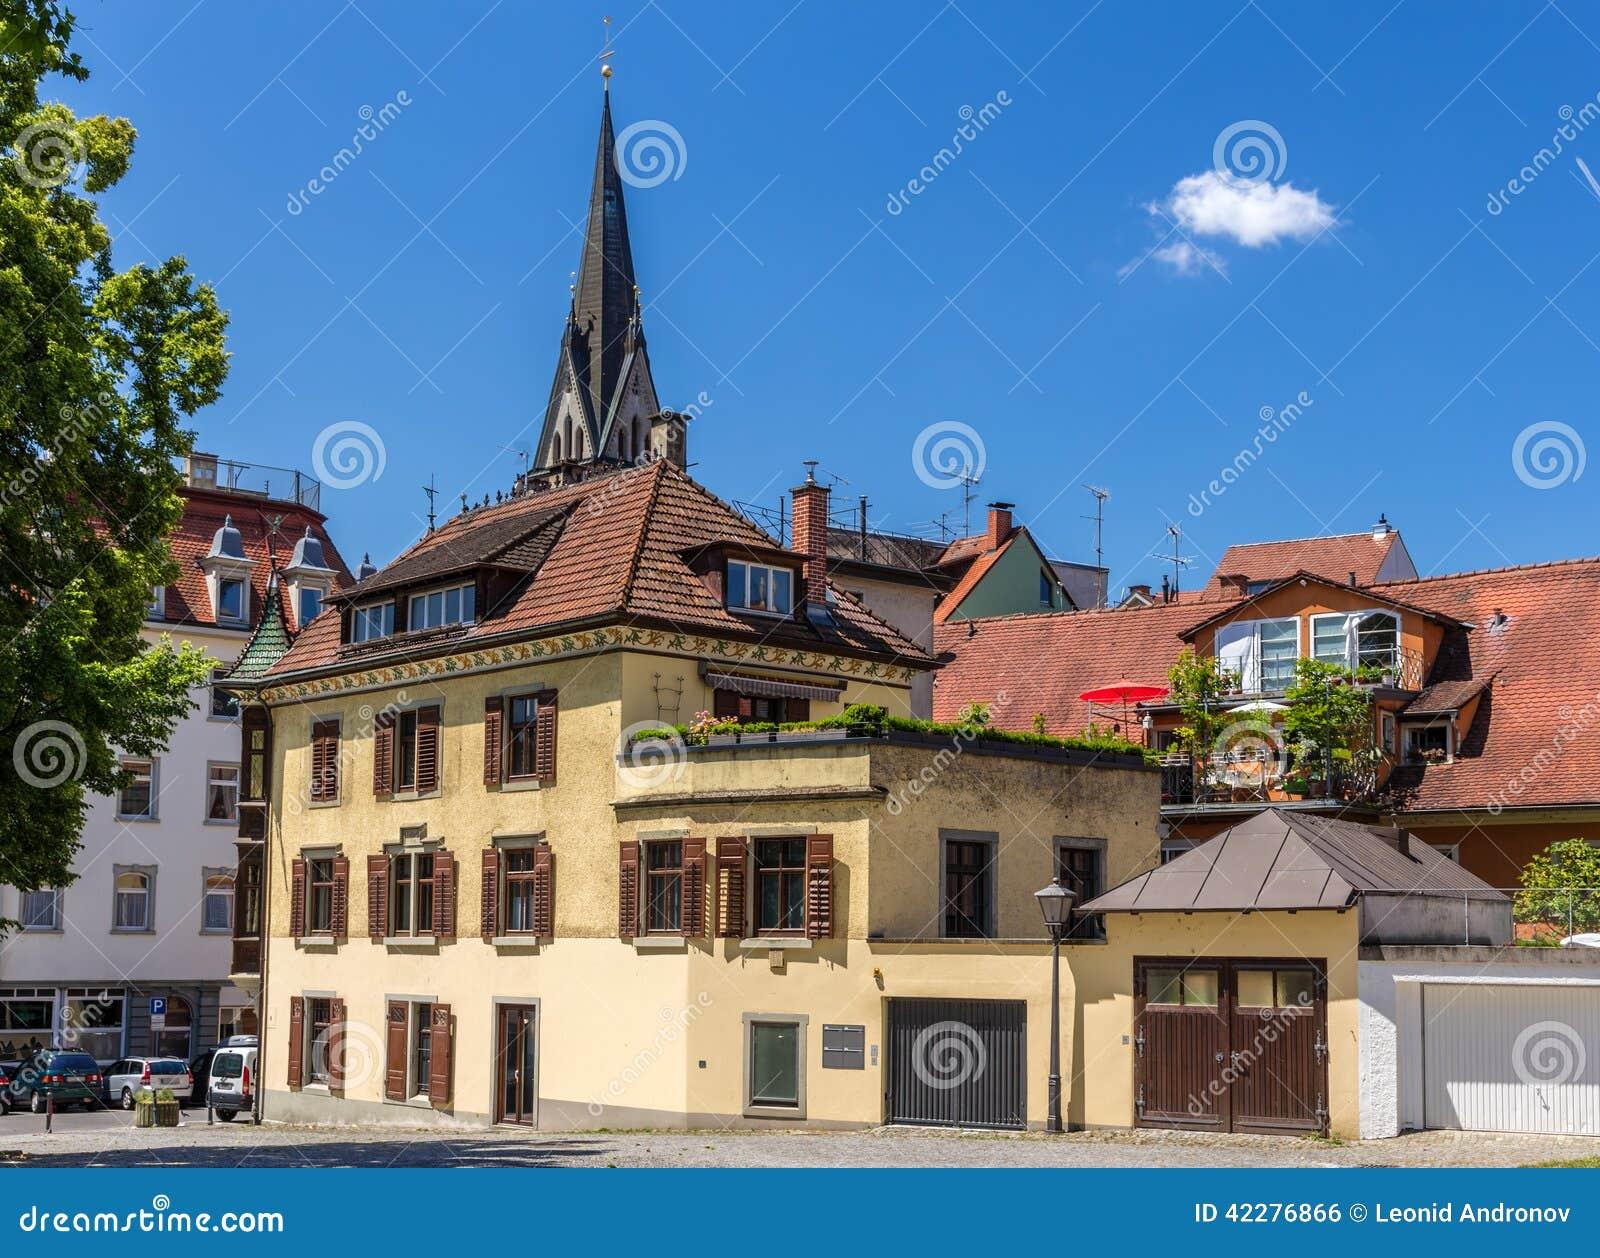 Gebouwen in het stadscentrum van Konstanz, Duitsland